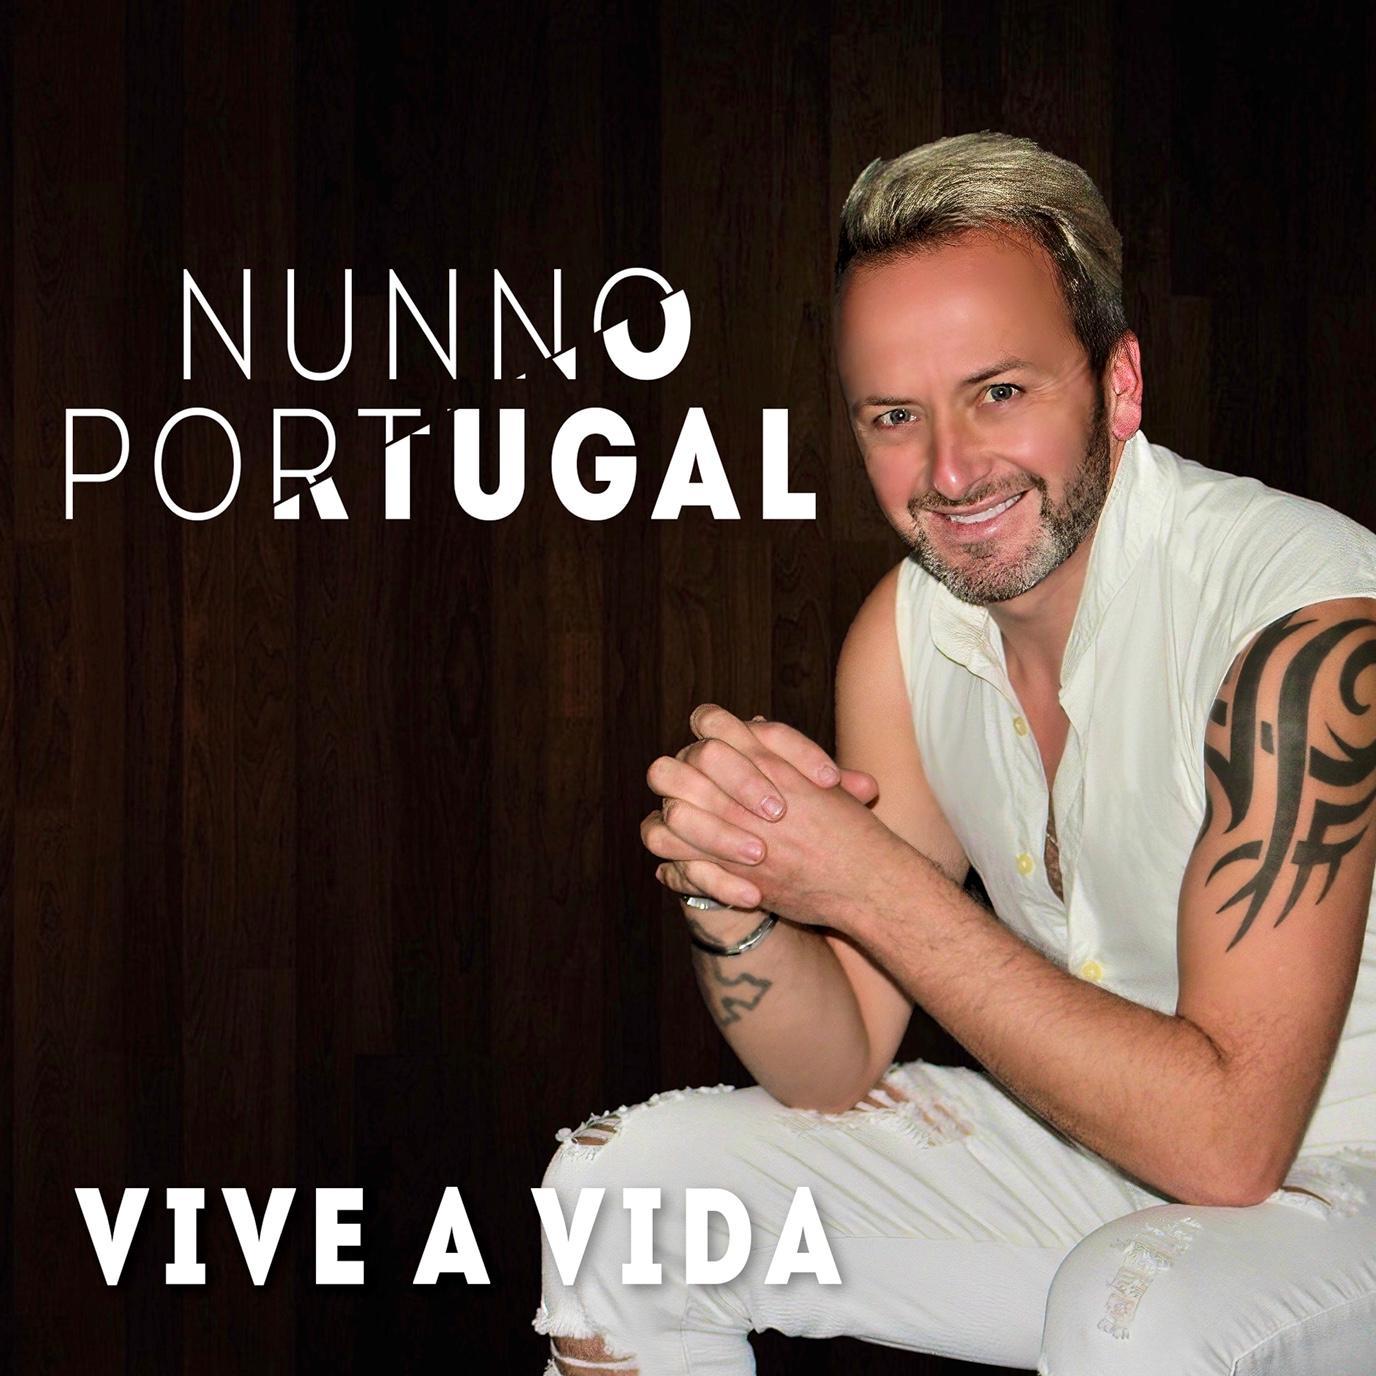 NUNNO PORTUGAL